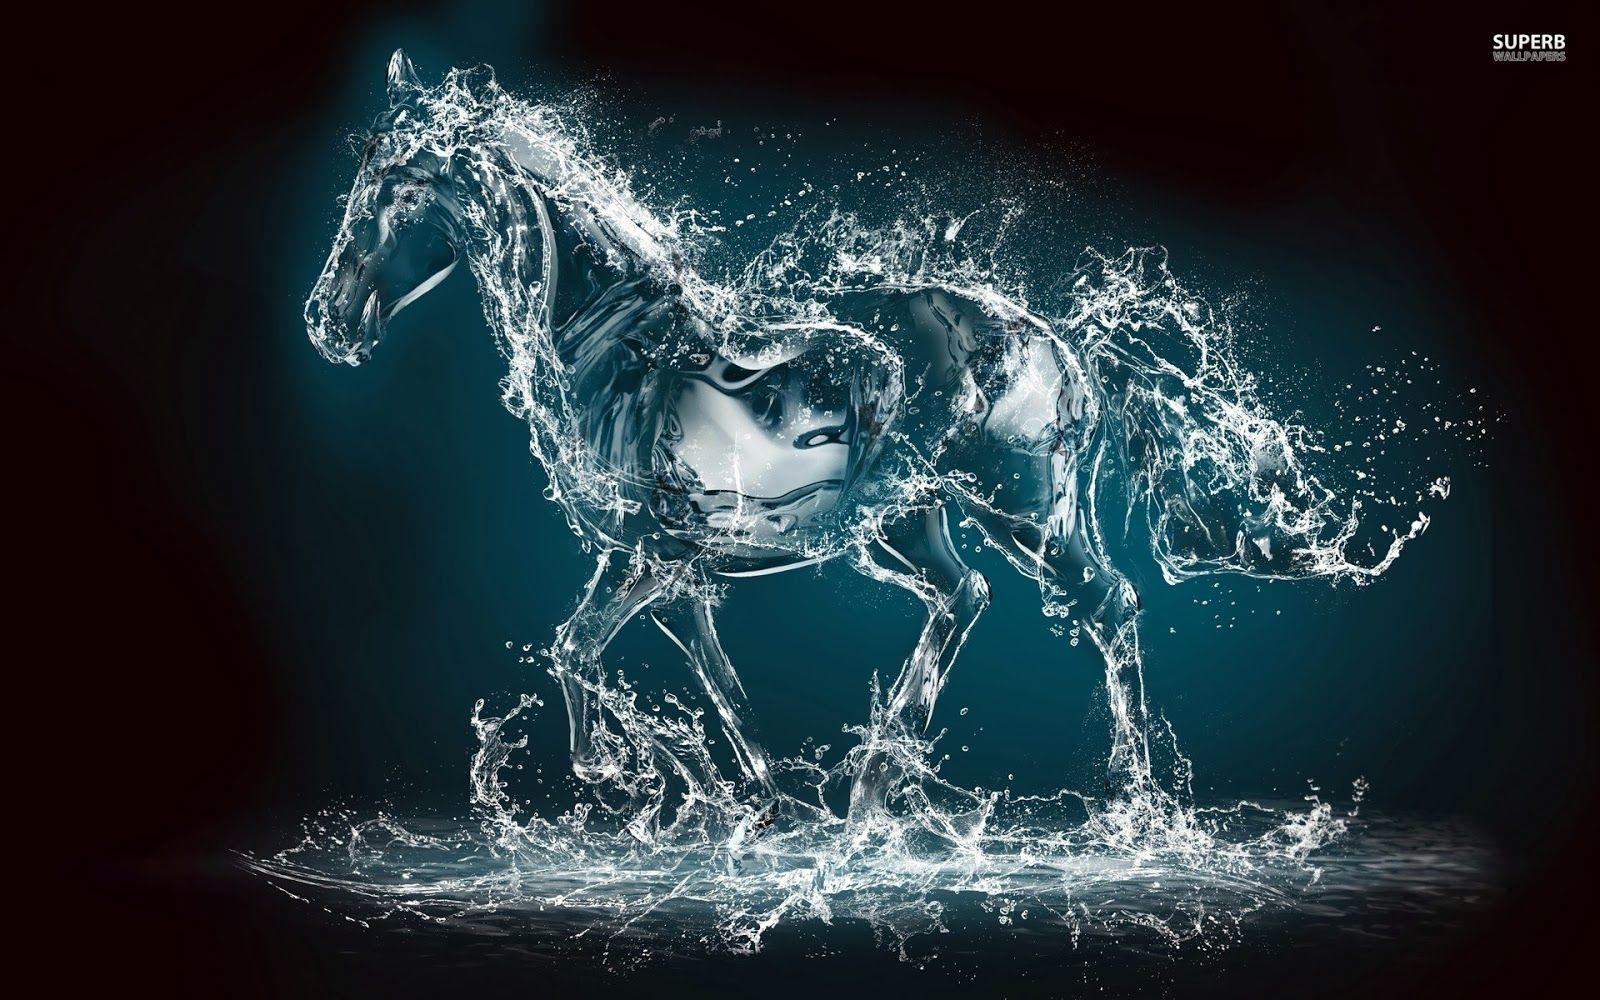 Water Horse Wallpaper Horse wallpaper, Water art, Art